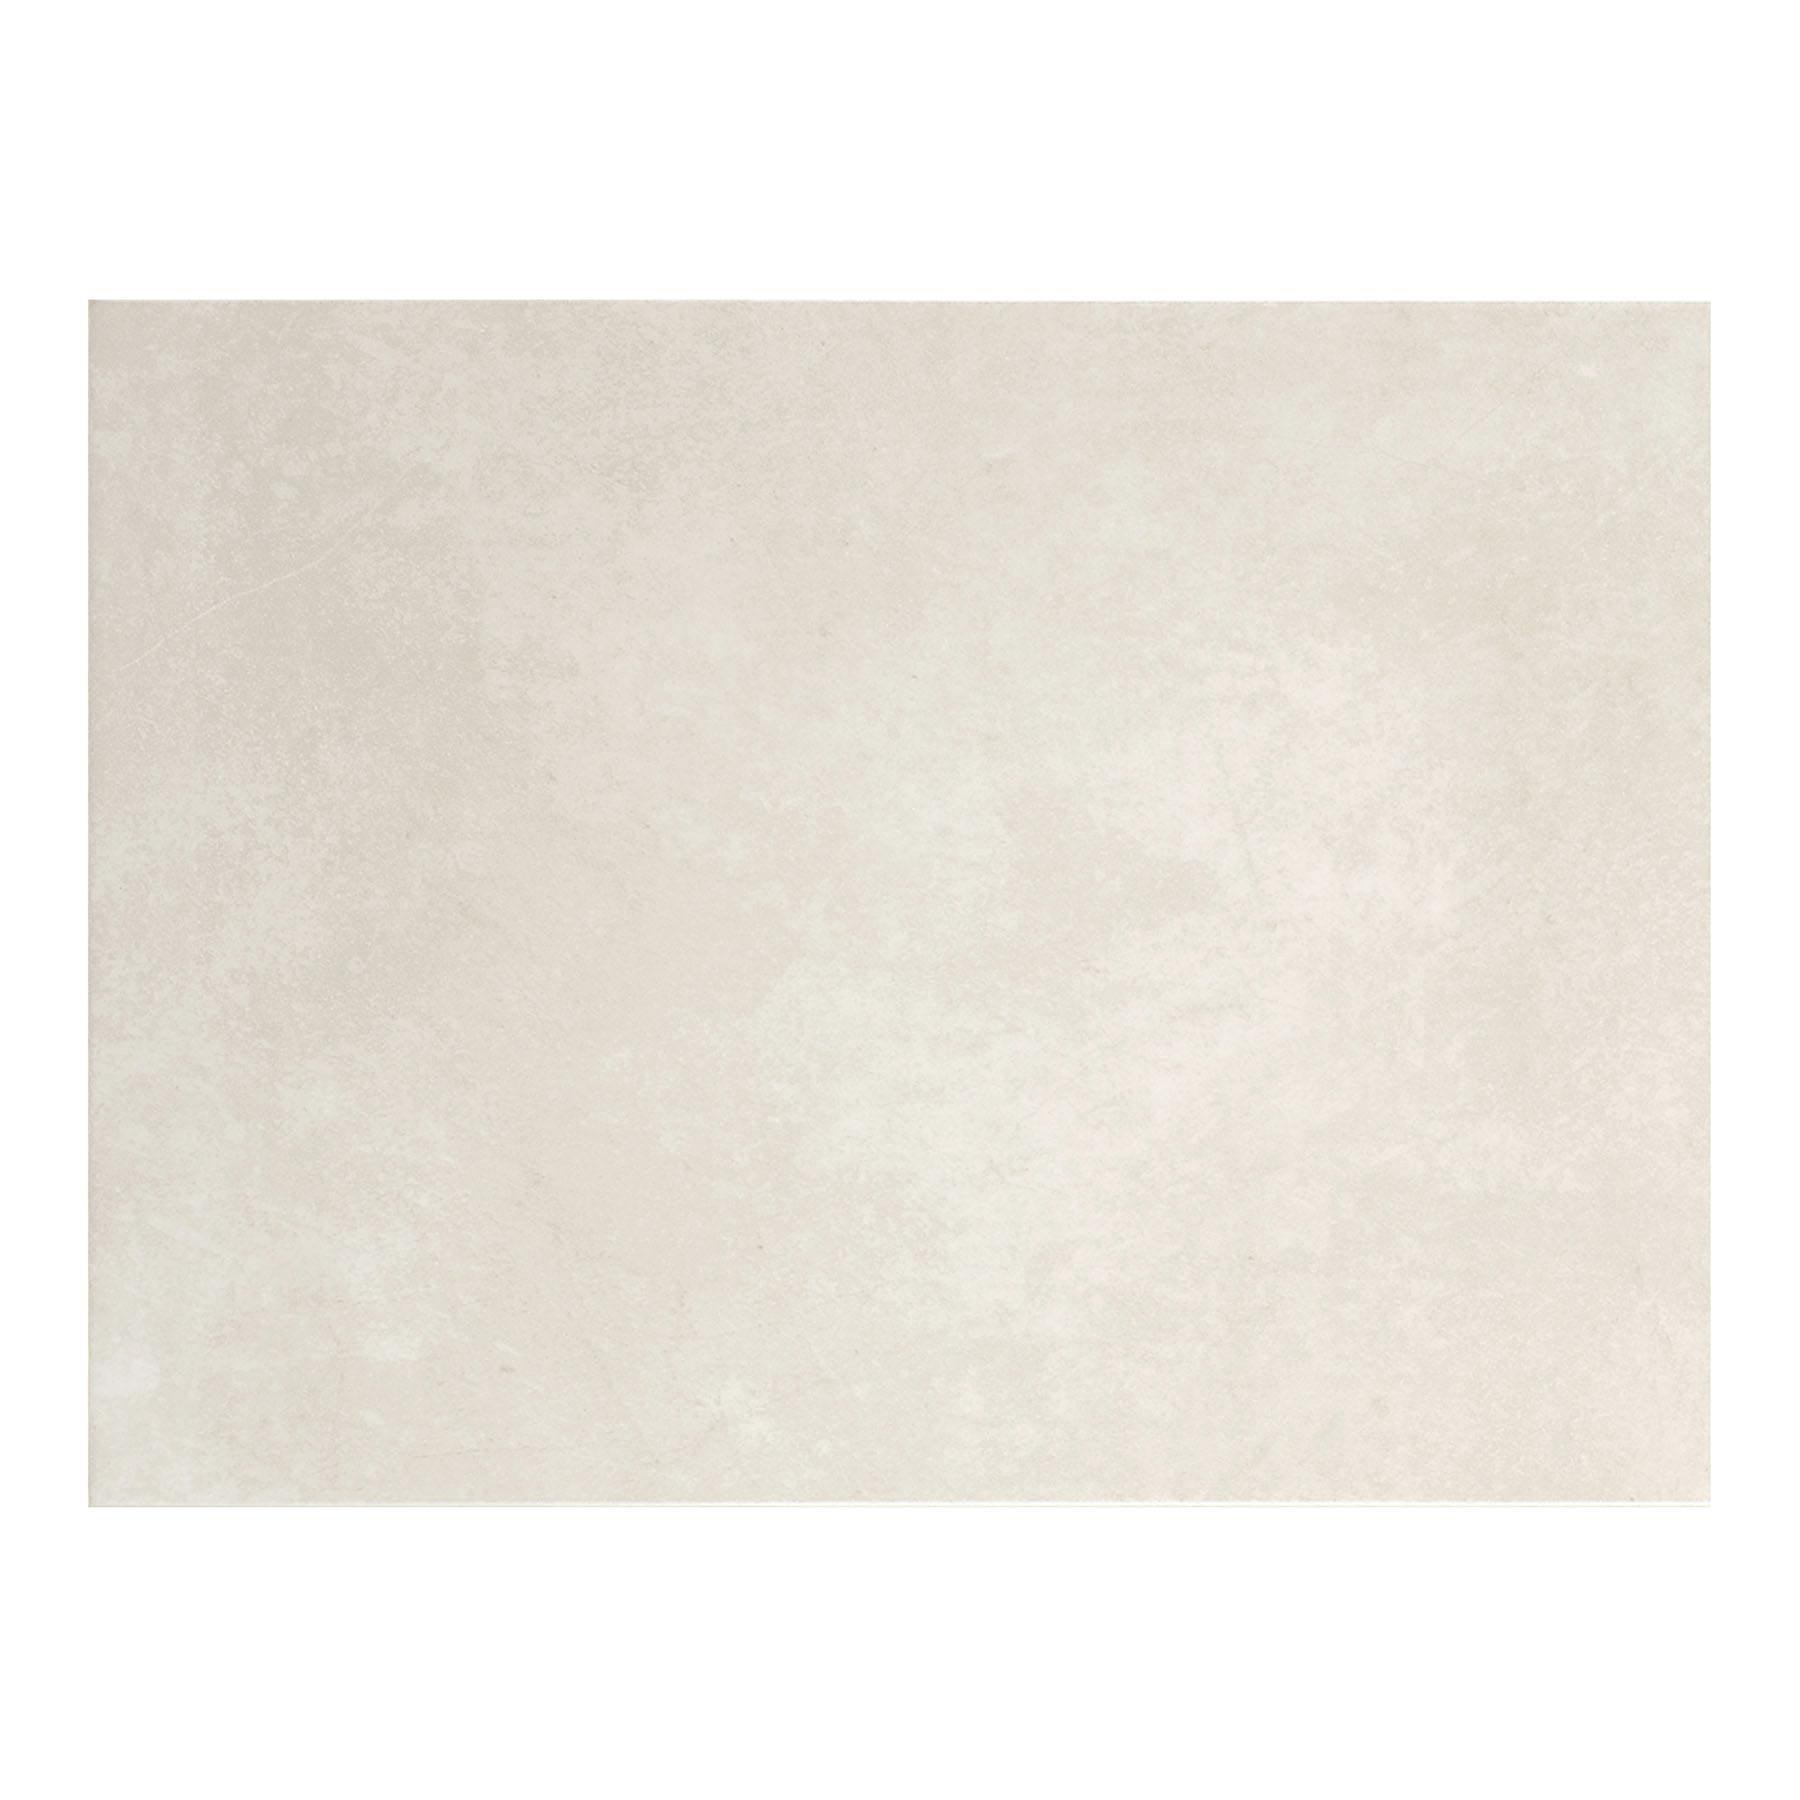 3e7383cf7b revestimento acetinado bold cimento natural cinza 30x40cm portobello 88510912 0001.jpg original.jpg